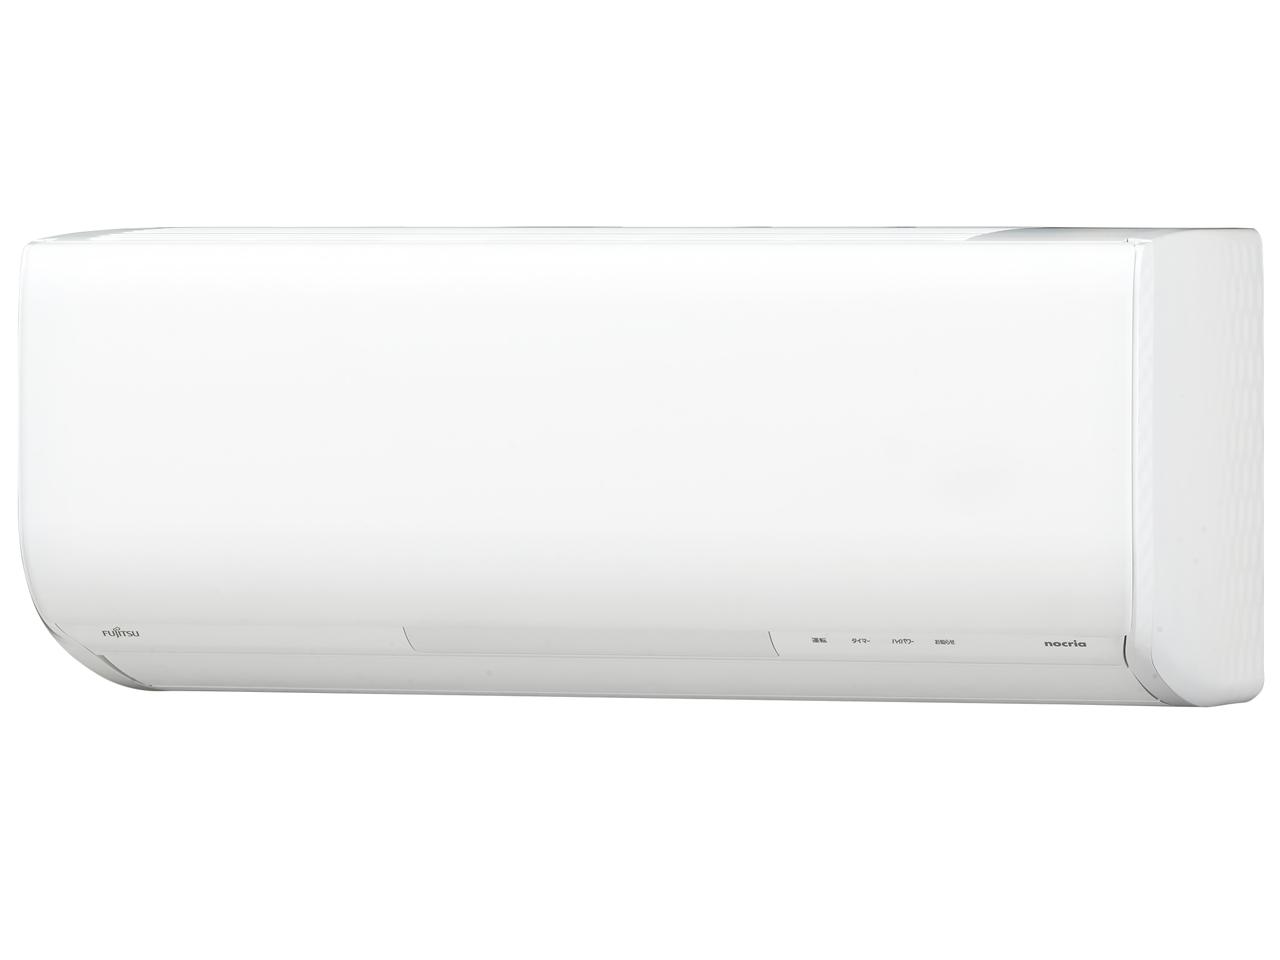 ノクリア AS-GS56F2 の製品画像